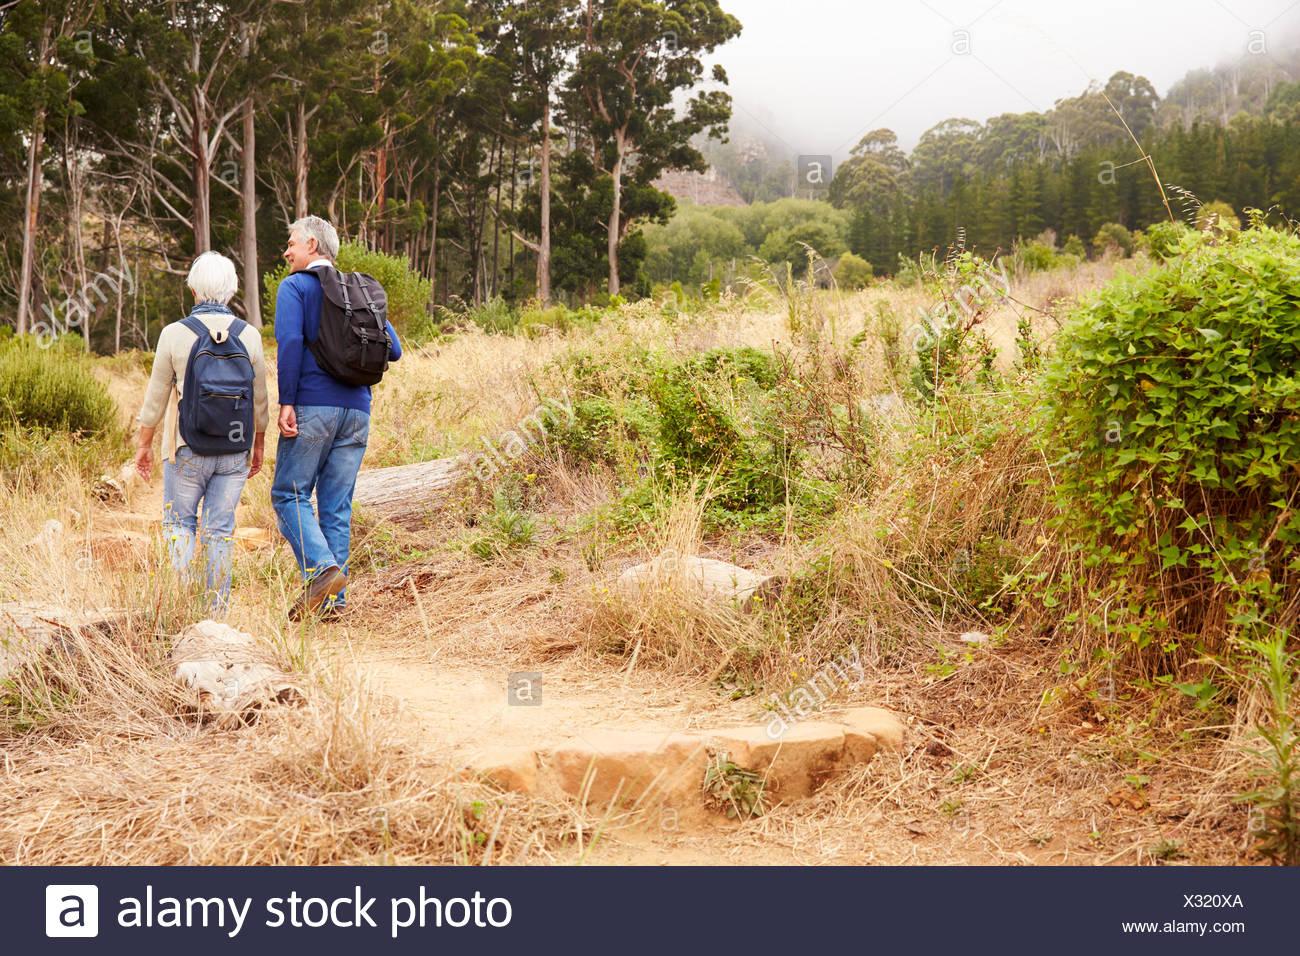 Las parejas ancianas caminando juntos en un bosque, vista posterior Imagen De Stock